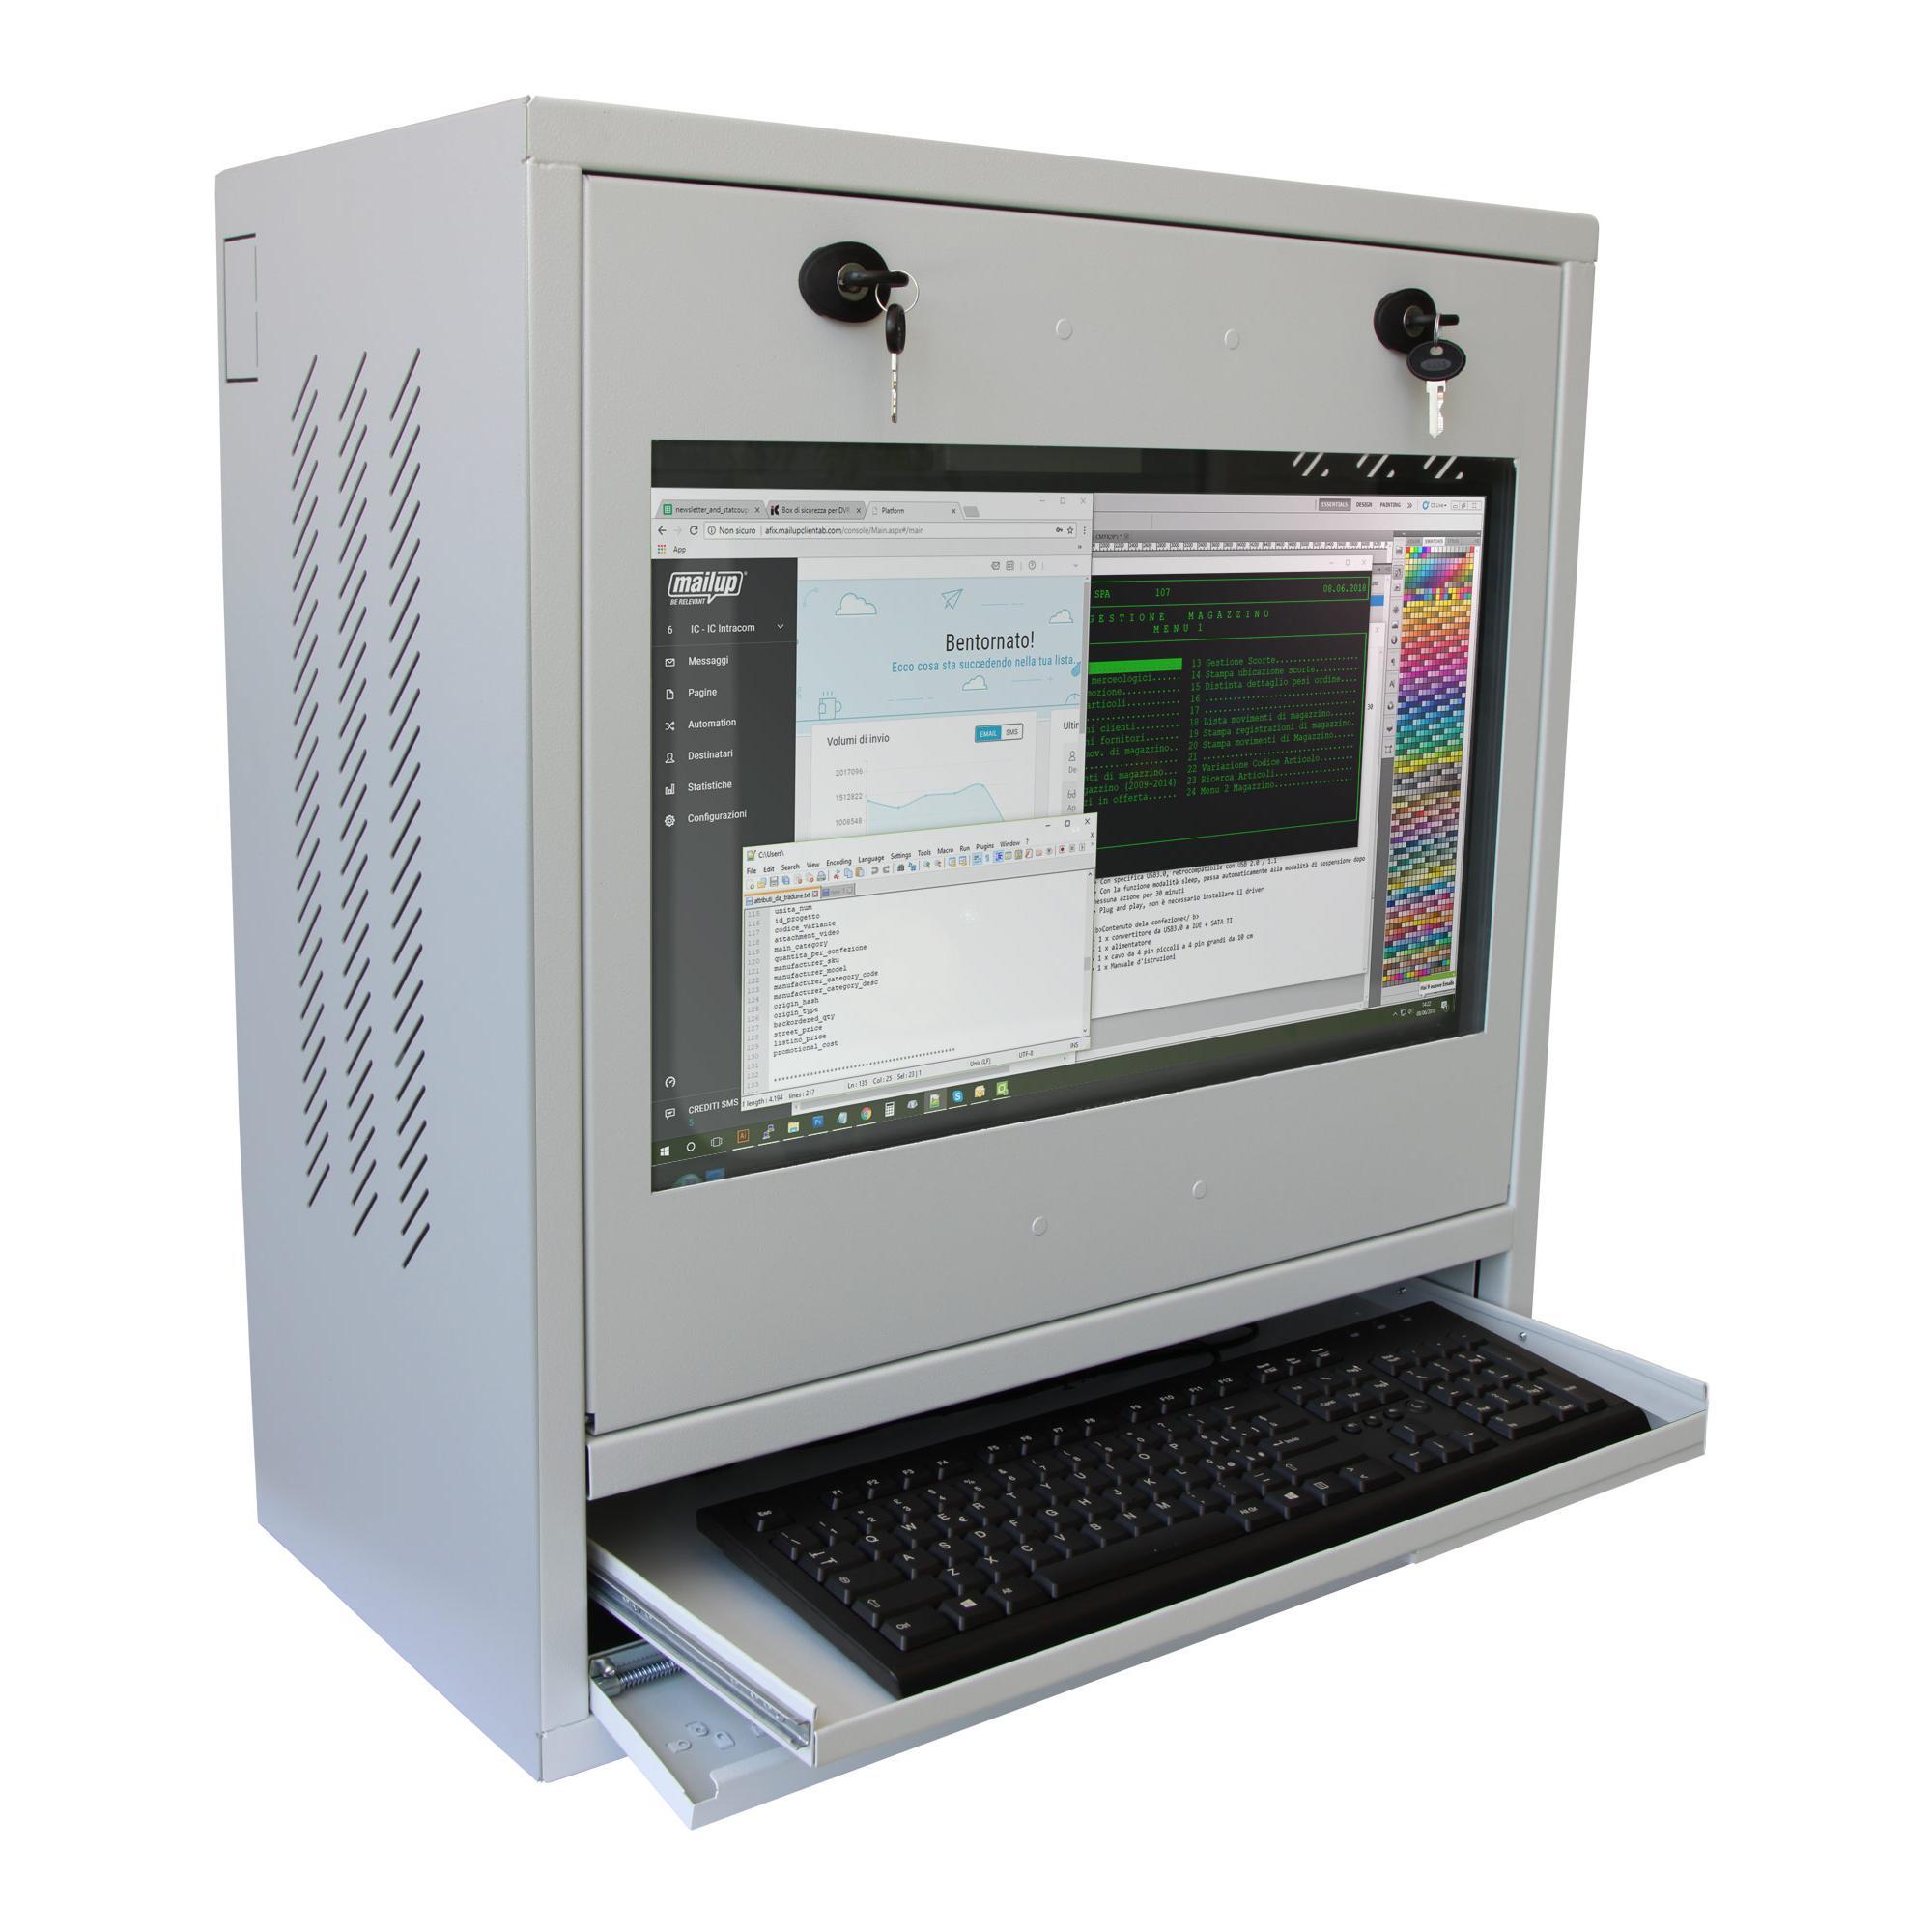 Armadio di sicurezza PC, monitor LCD e tastiera Grigio Ricondizionato